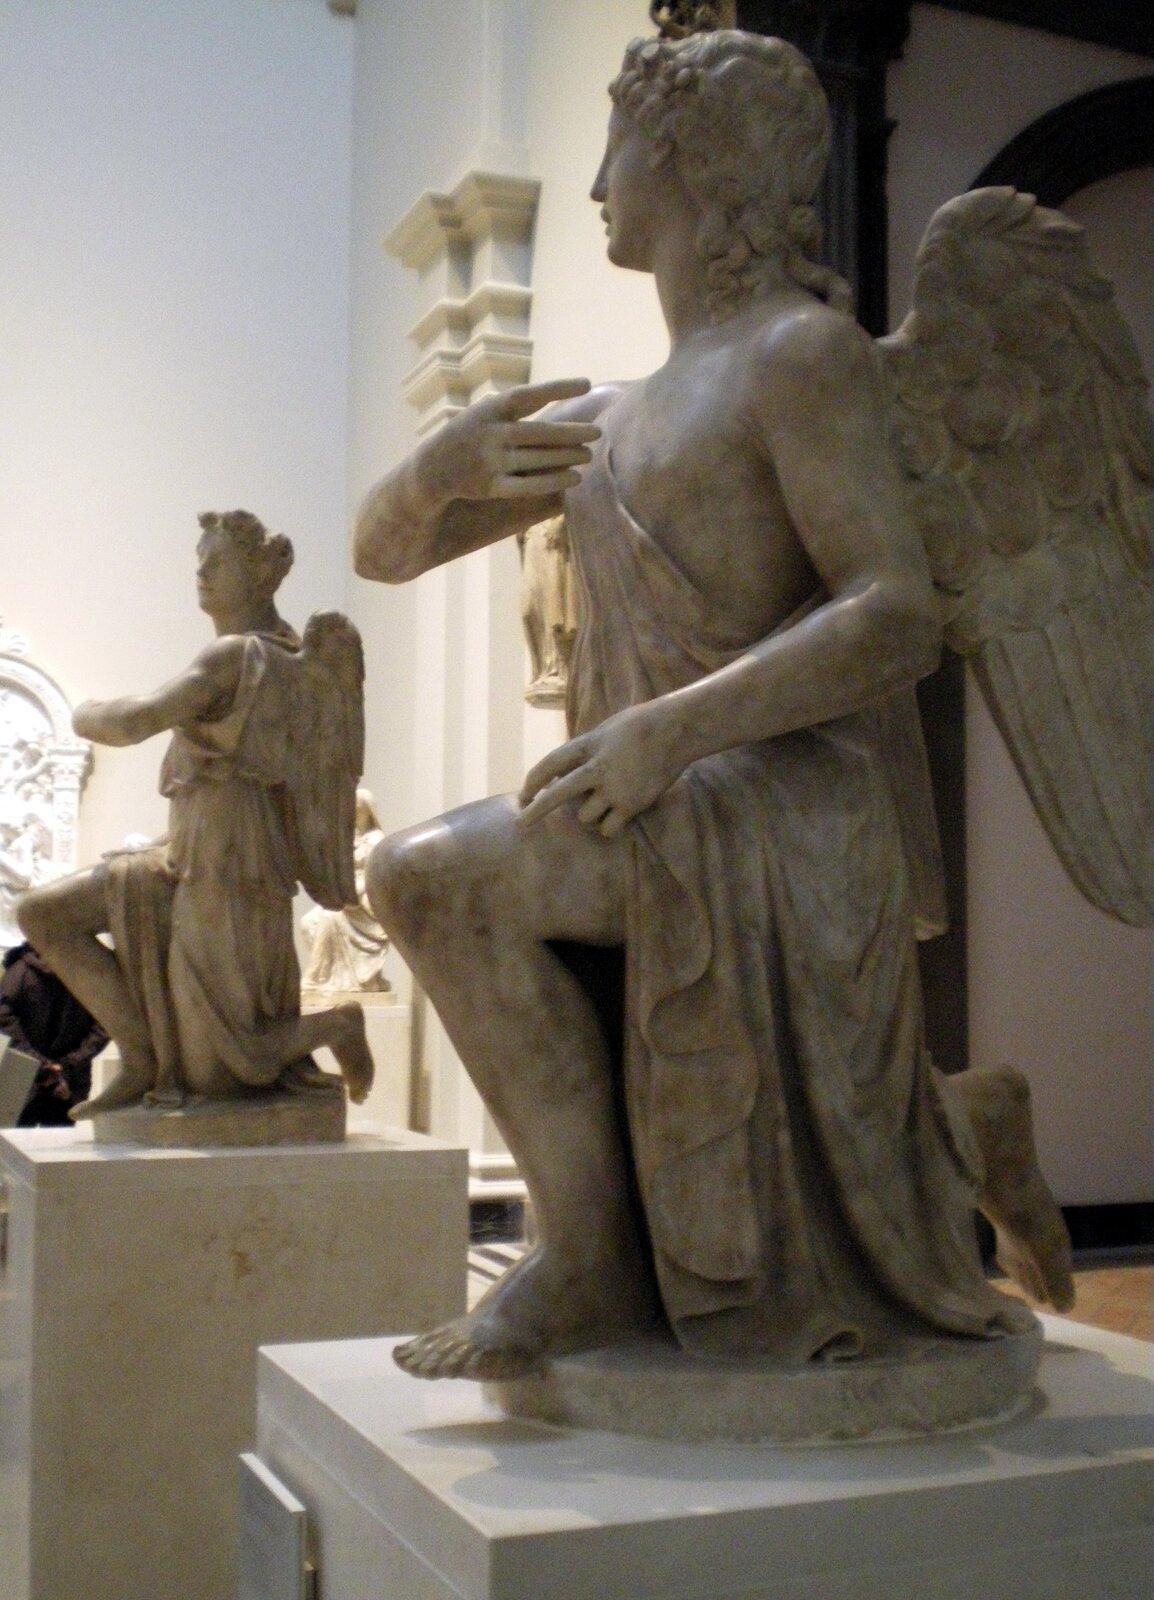 Ilustracja przedstawia rzeźby zPalazzo Strozzi autorstwa Silvio Cosiniego. Na zdjęciu znajdują się dwie rzeźby klęczących na jednym kolanie, marmurowych aniołów. Umieszczone na oddzielnych, sześciennych postumentach posągi stoją wsali muzeum. Ubrane są wspływające drobnymi fałdami tuniki przepasane wpasie. Ich włosy opadają falami loków na ramiona. Anioł znajdujący się na pierwszym planie ma skierowaną głowę na prawo. Anioł wgłębi kadru kieruje głowę na lewo.